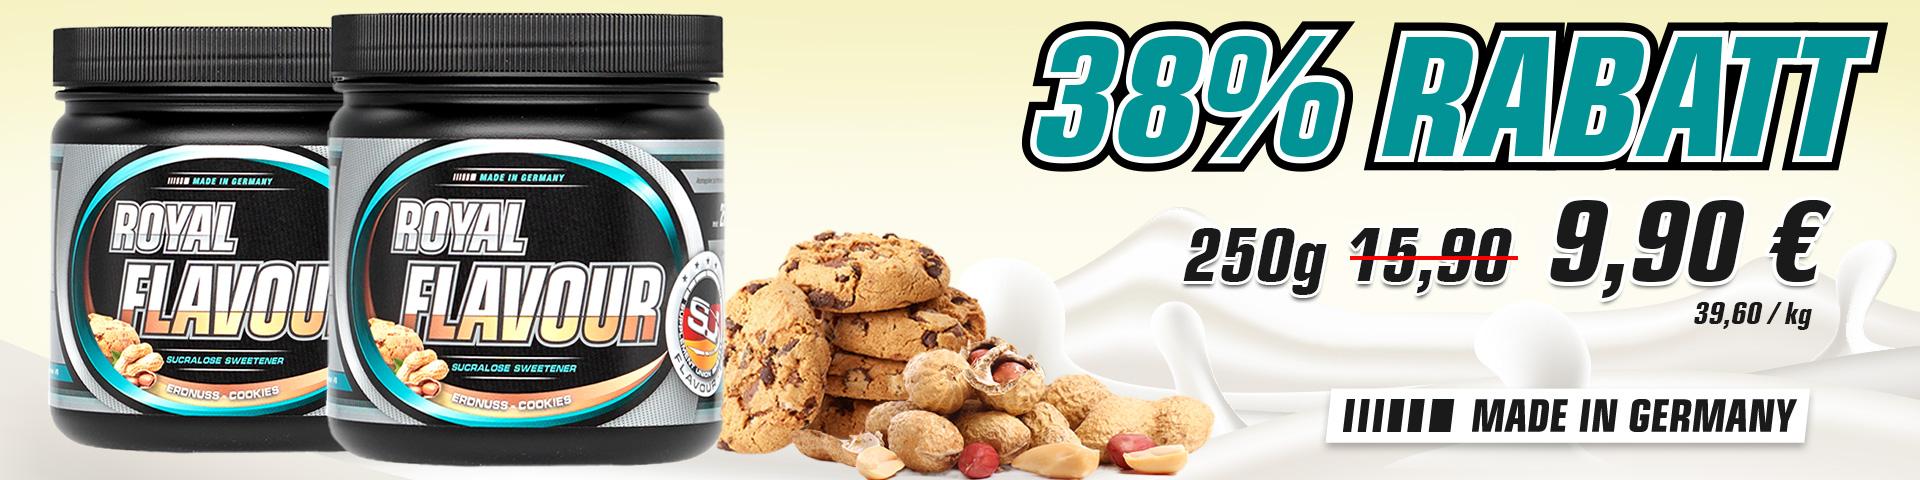 rf-erdnuss-cookies.jpg